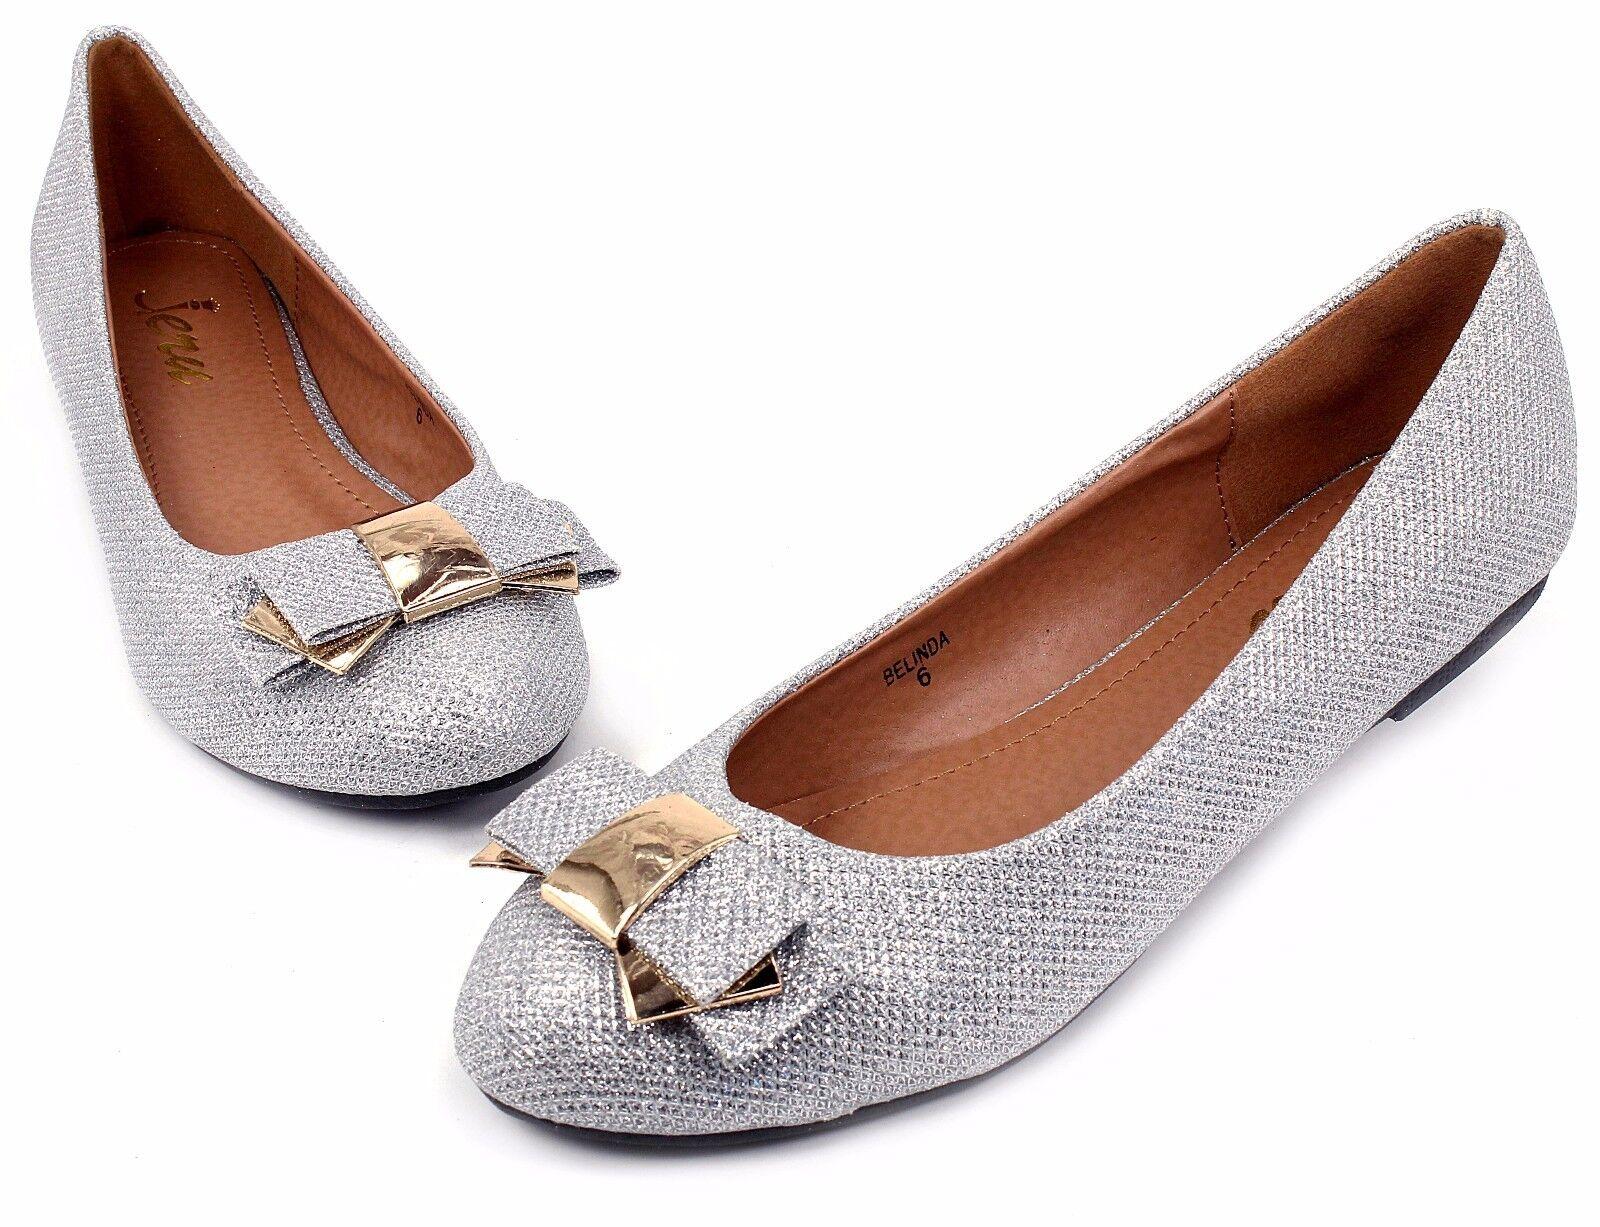 belinda mode clin glisse sur les chaussures de bowknot d'apparteHommes occasionnels ts beauté occasionnels d'apparteHommes e1314b